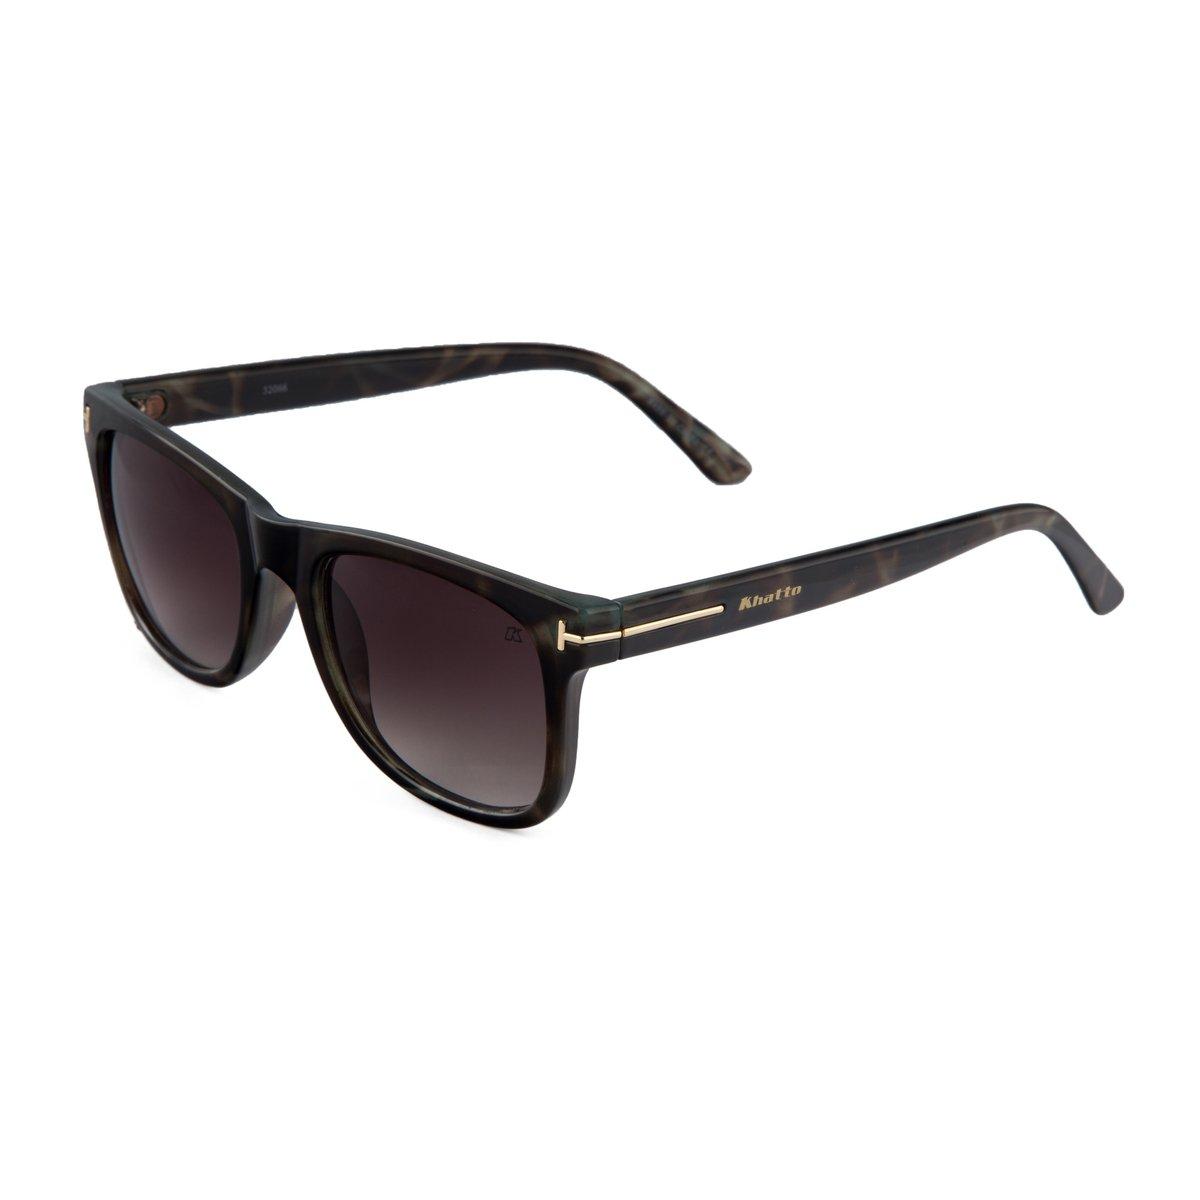 b0881d7d2d2d7 Óculos de Sol Khatto 32066 - Compre Agora   Zattini